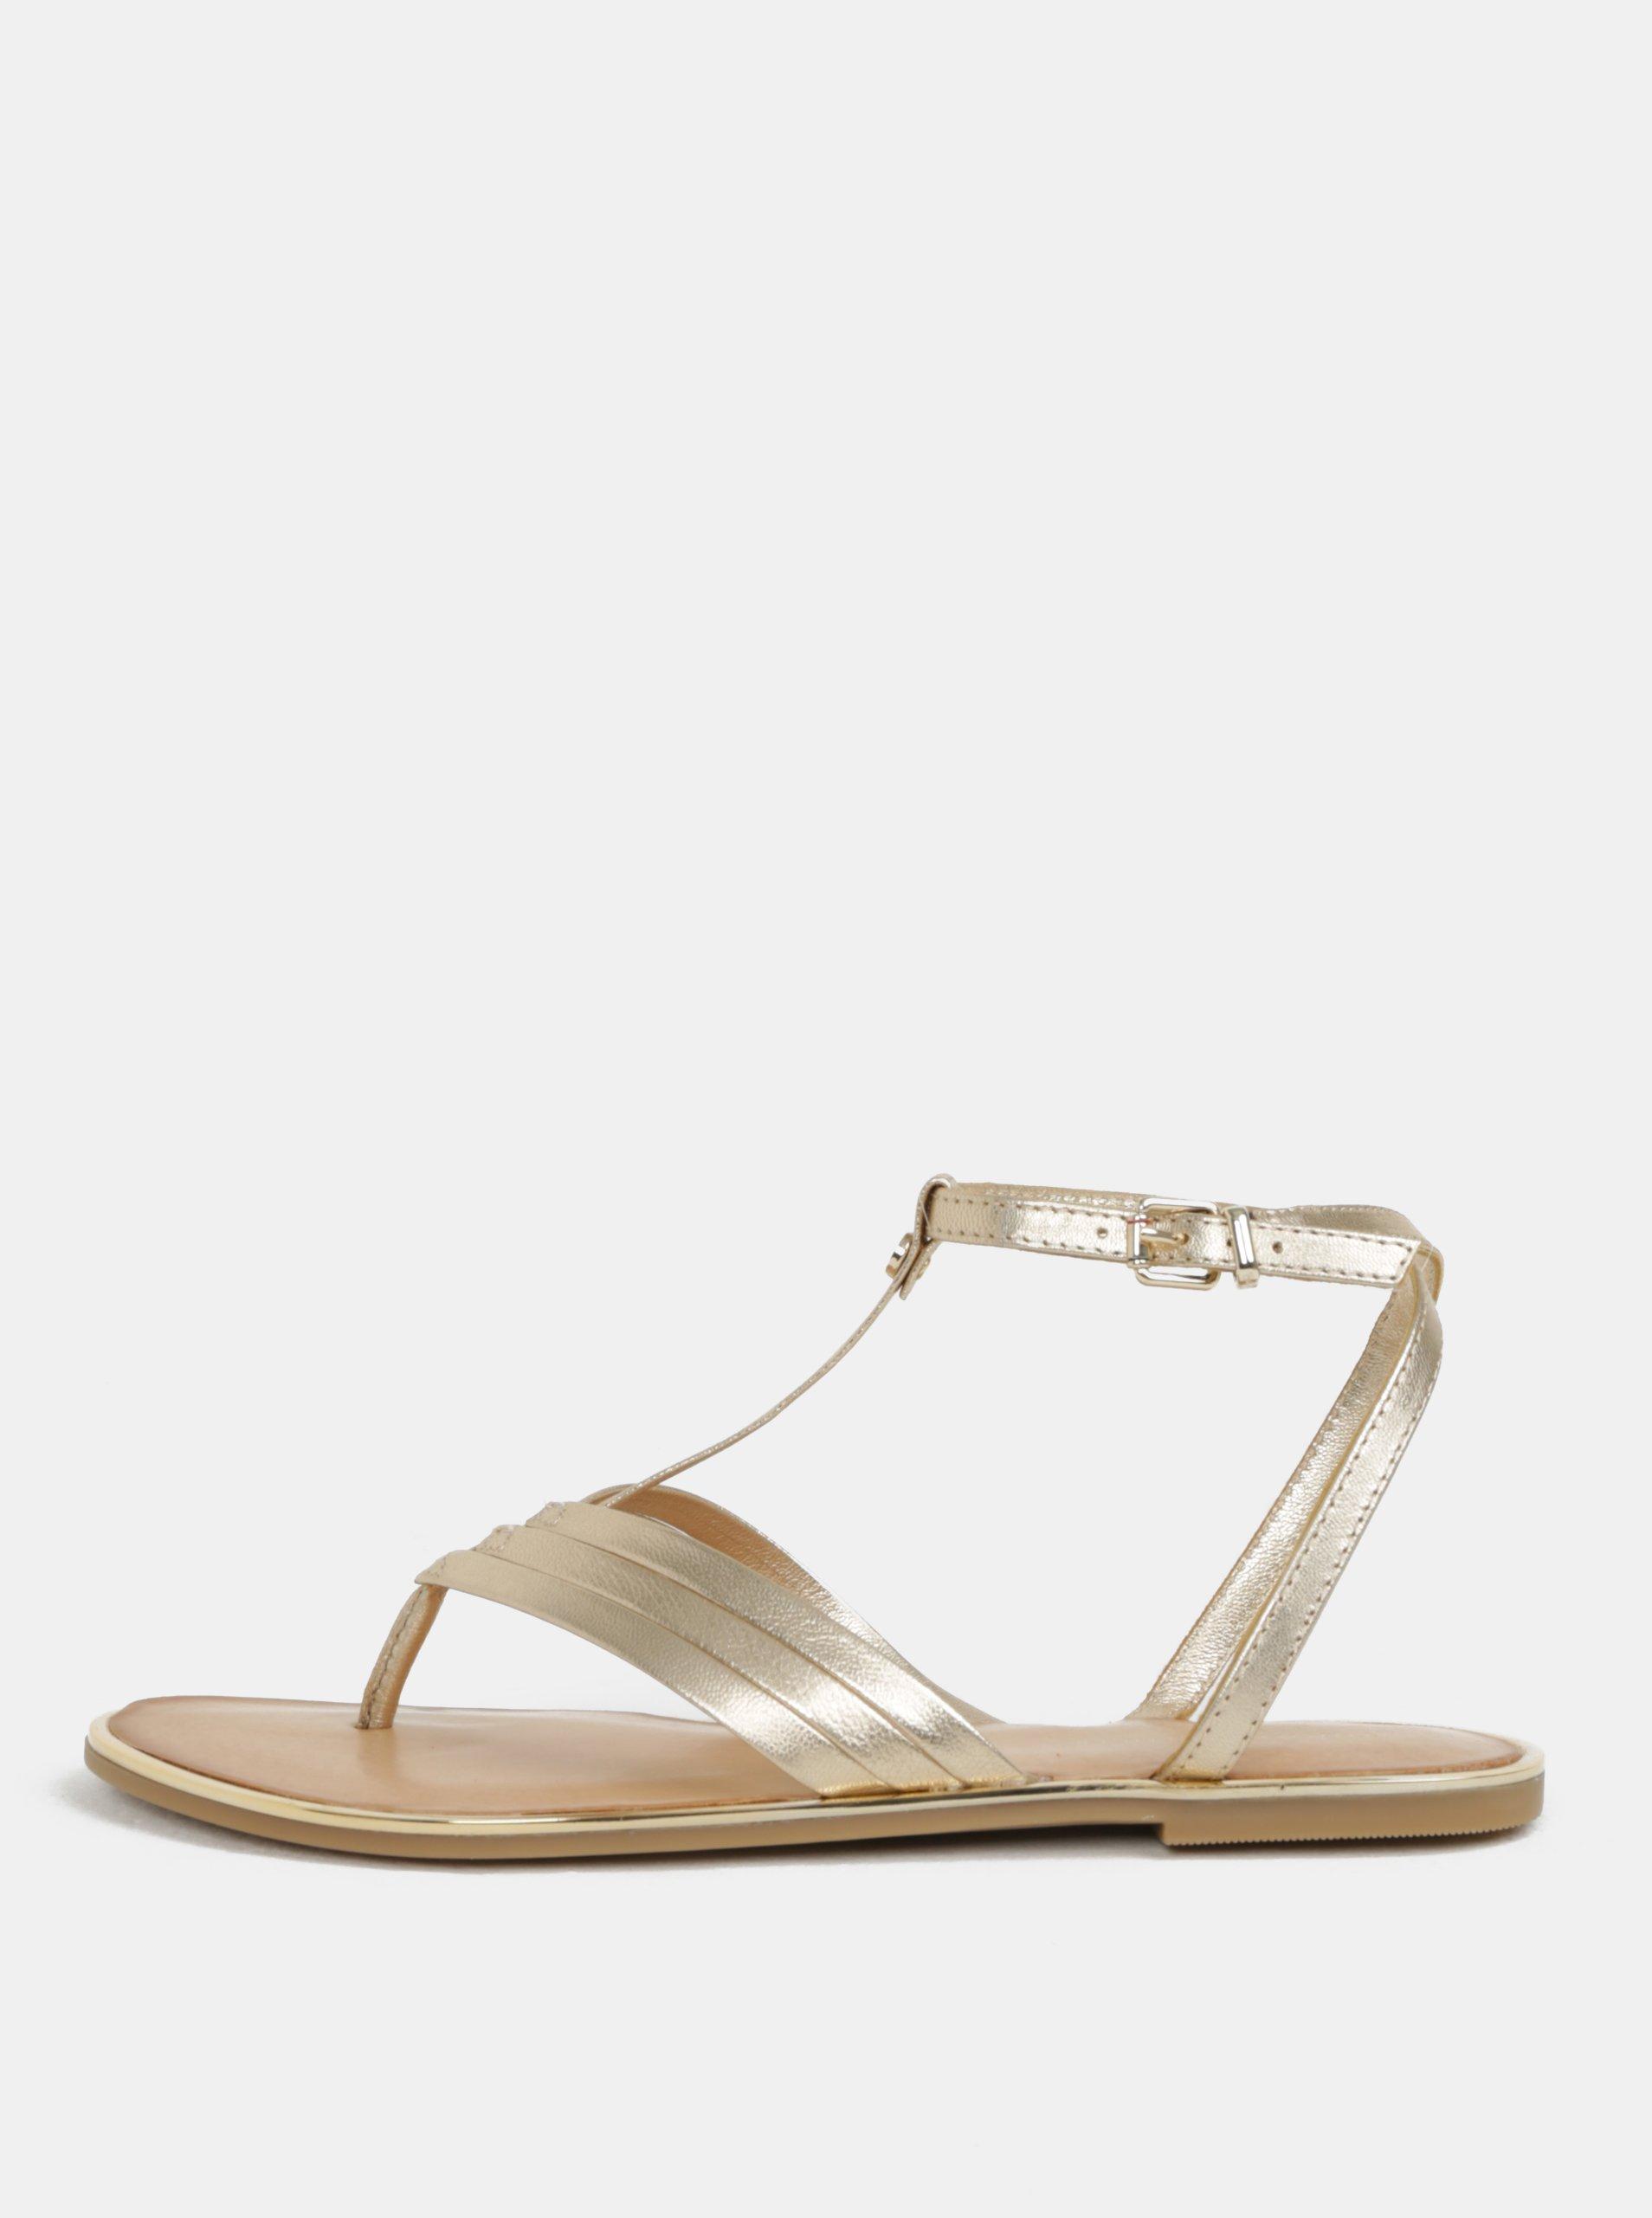 87265558cf37 Dámske kožené sandále v zlatej farbe Tommy Hilfiger